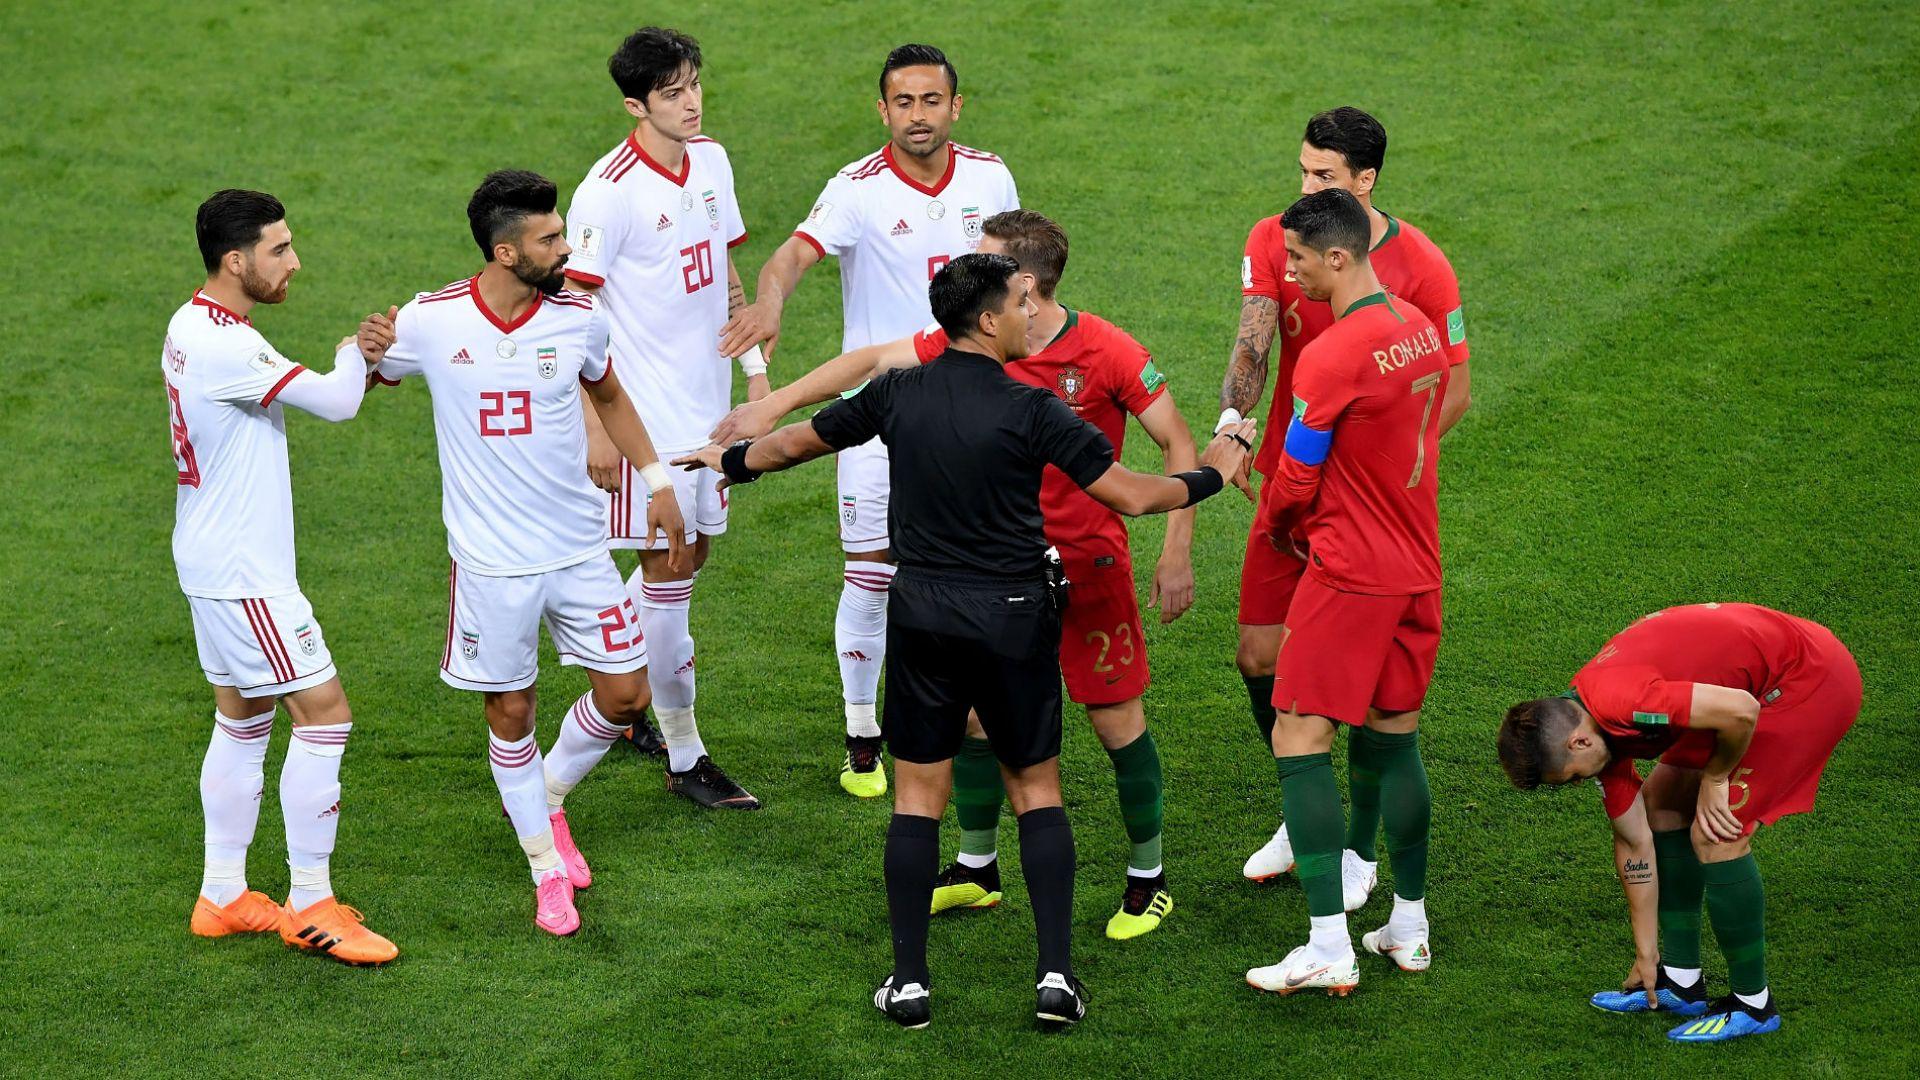 Португалия - Иран 1:1 (статистика)